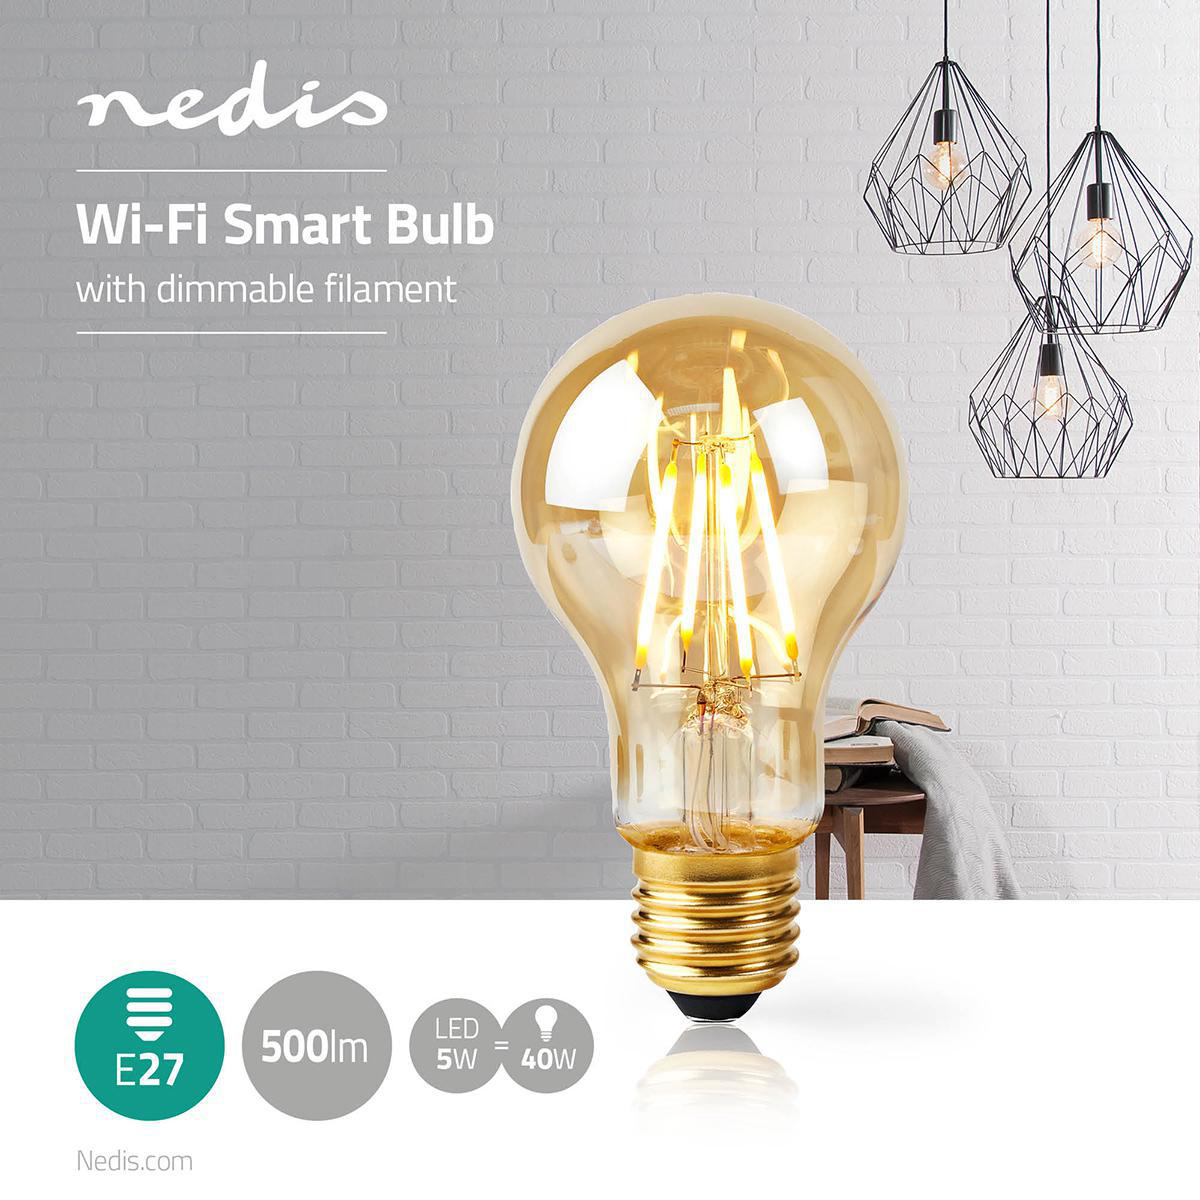 Slimme filament Wifi lamp E27 - 2200K - 5 watt - sfeerfoto